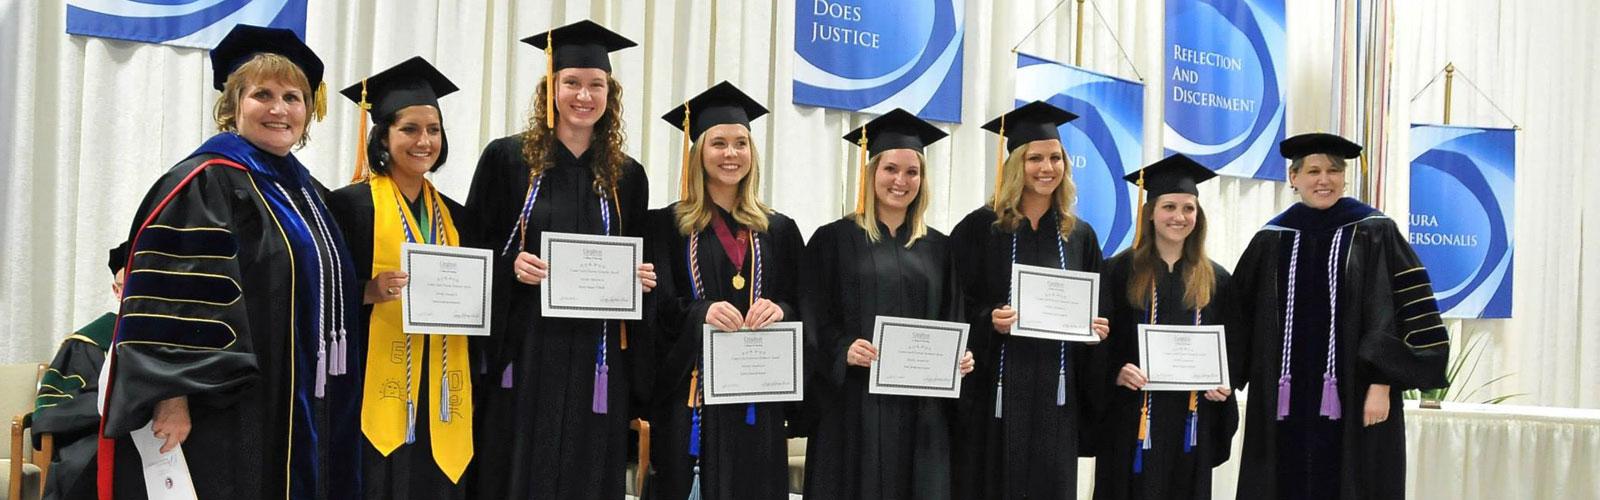 Creighton Alumni